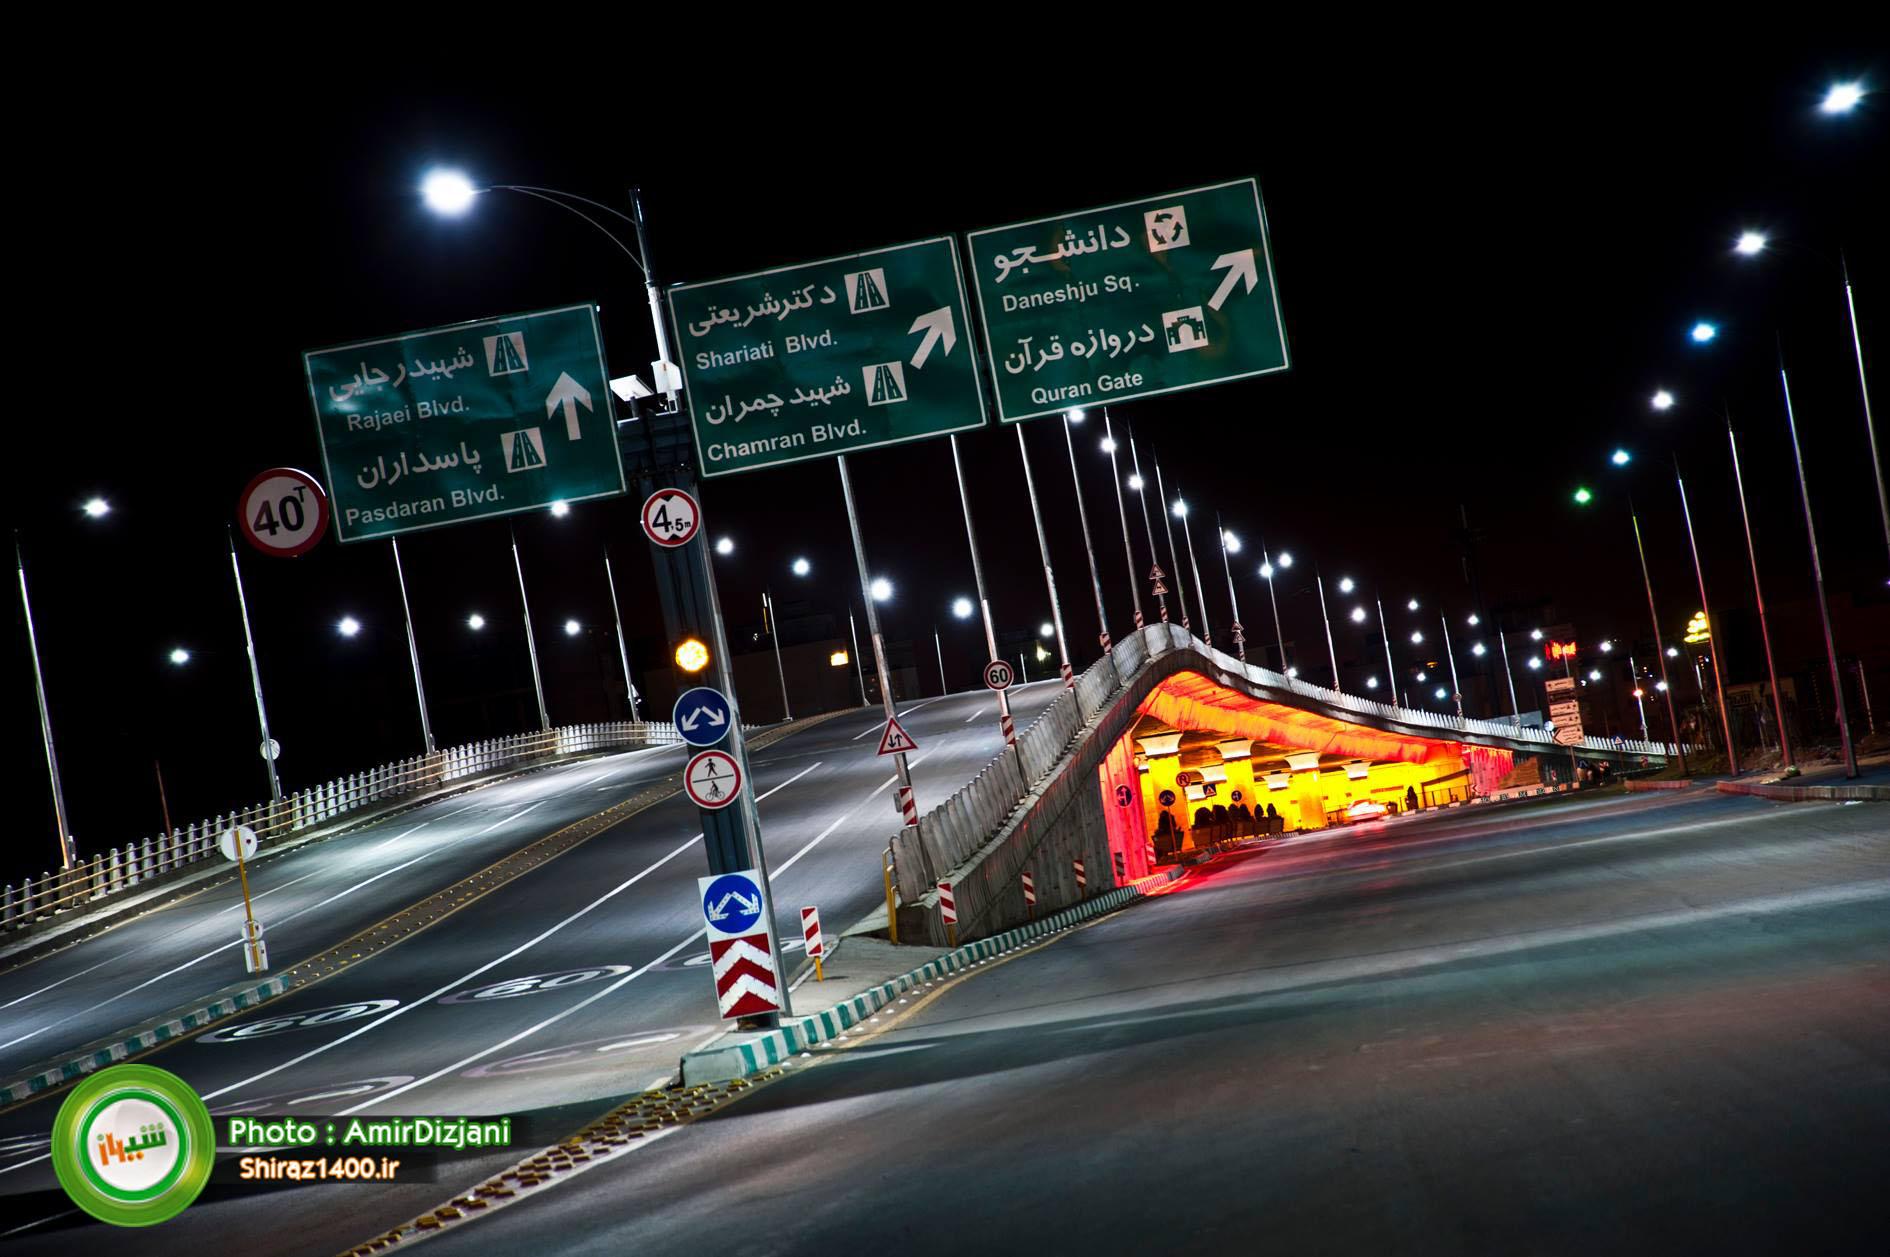 نگاه شما: نظرتان در مورد تابلوهای راهنمای مسیرهای شهری چیست؟